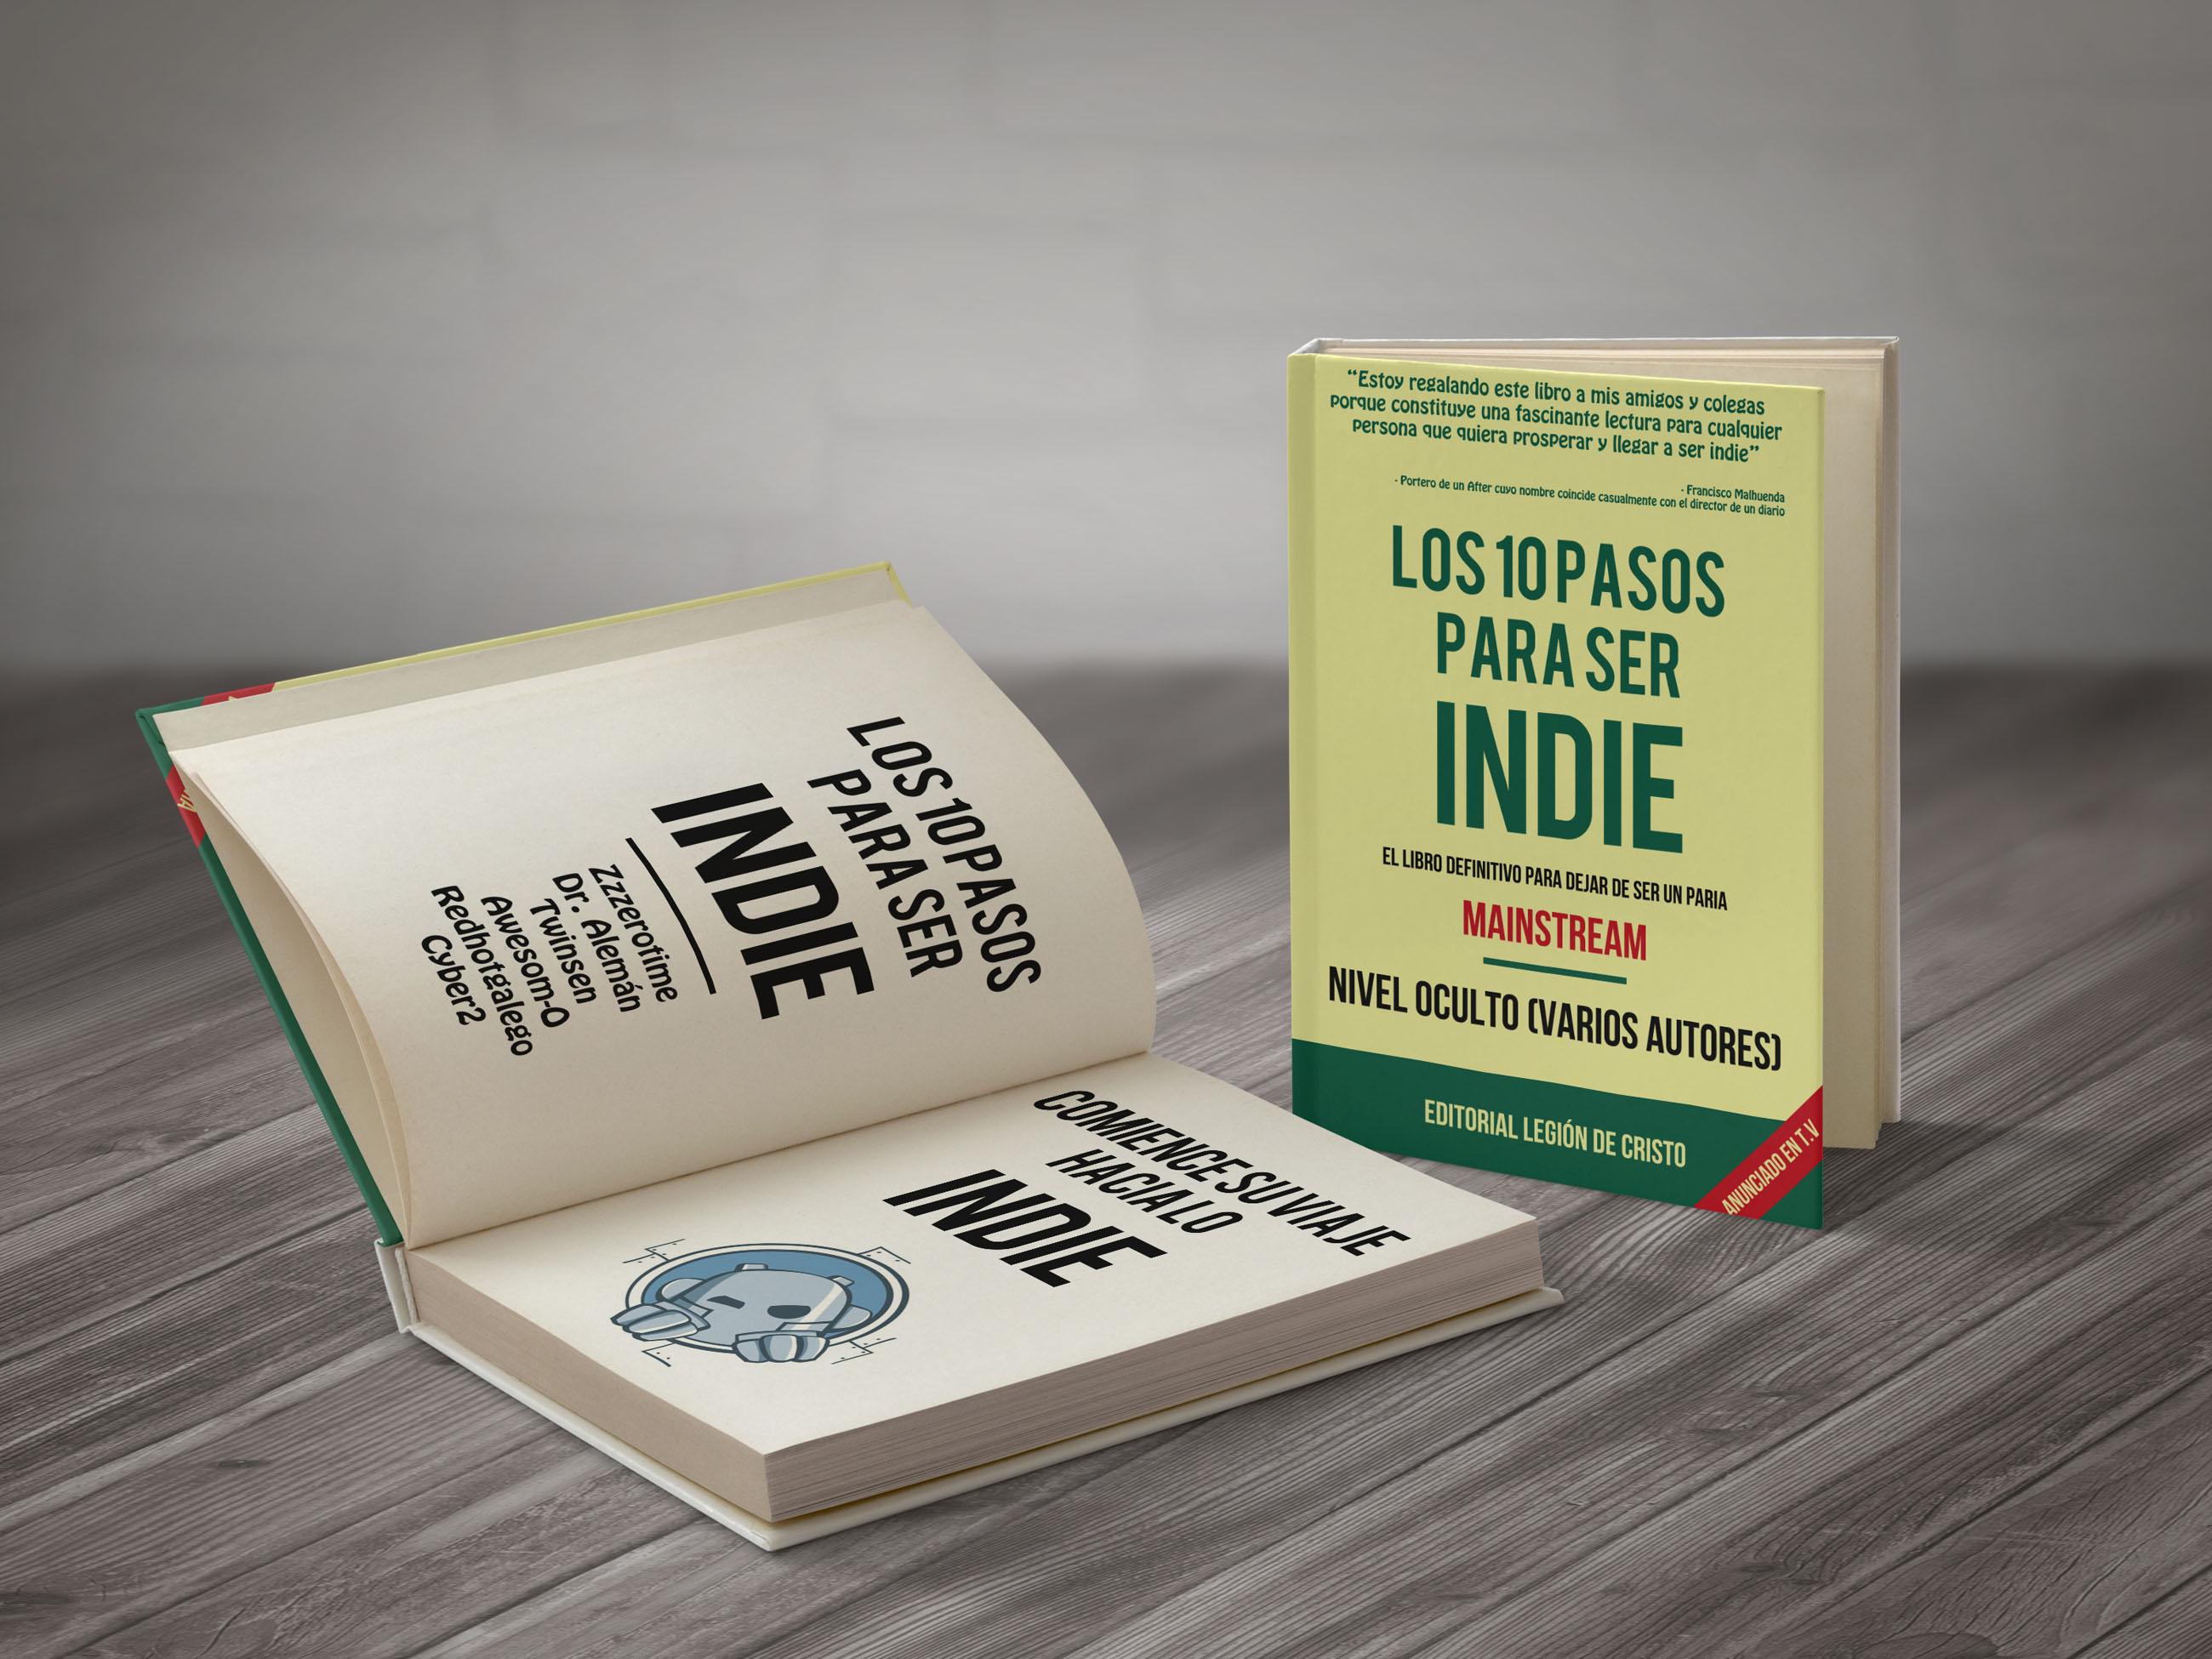 Como Ser Indie Classy presentamos nuestro primer libro: los 10 pasos para ser indie